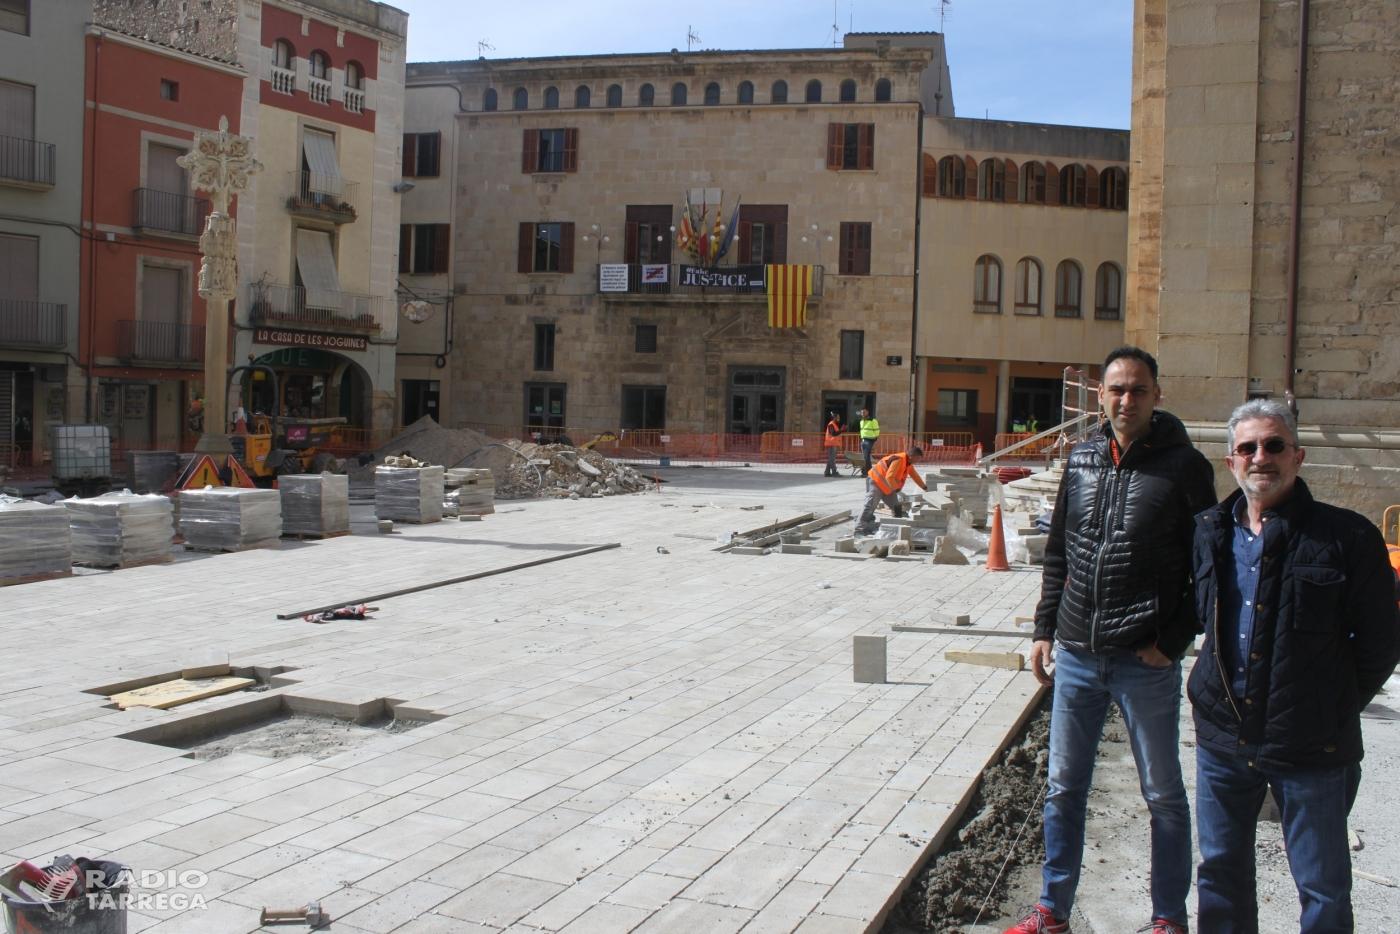 Les obres d'adequació de la plaça Major de Tàrrega marxen a bon ritme i ja és visible part del nou paviment de pedra natural